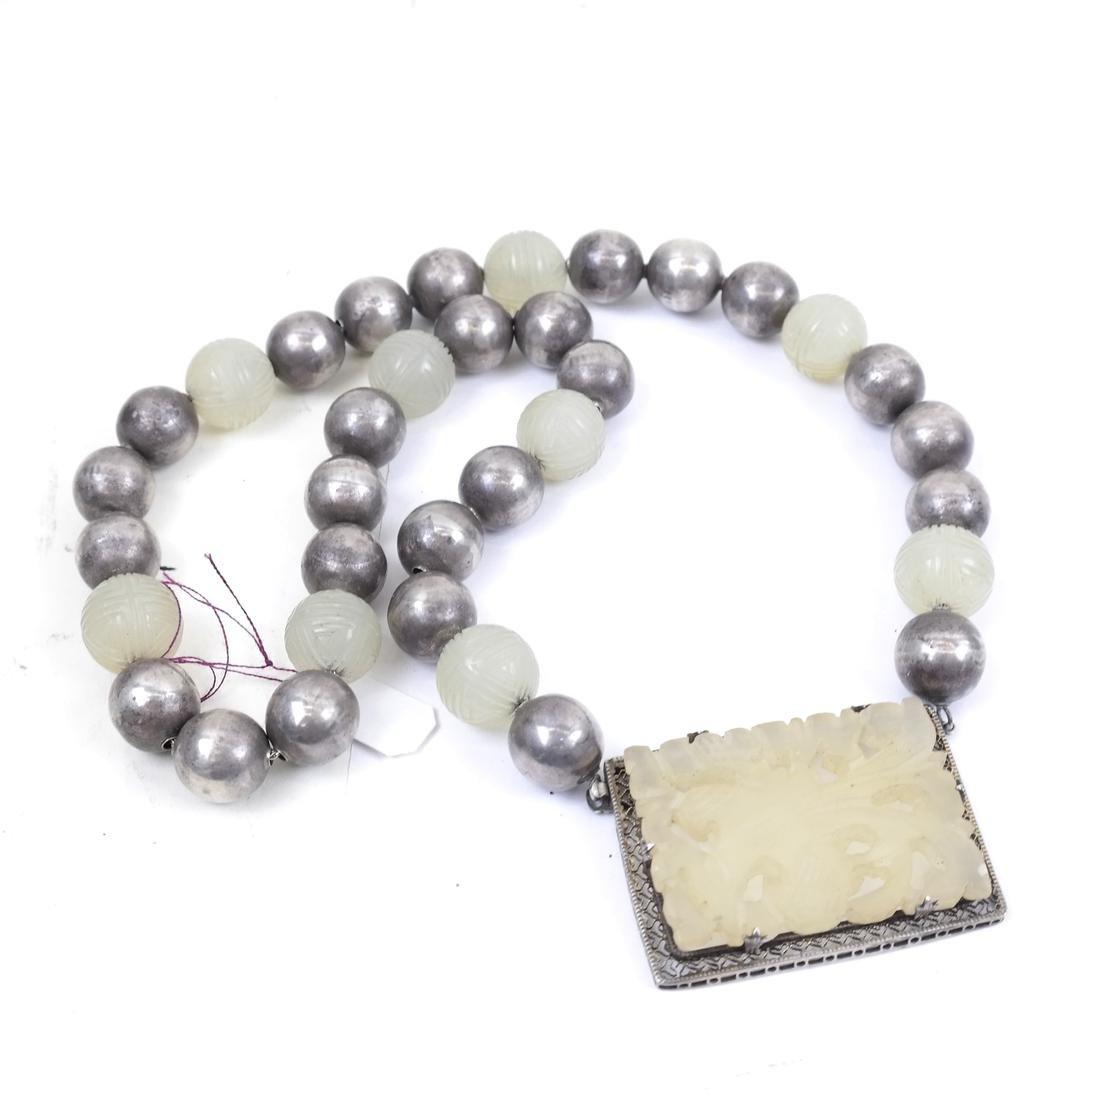 Jade and Assorted Neckaces & Bracelets - 2